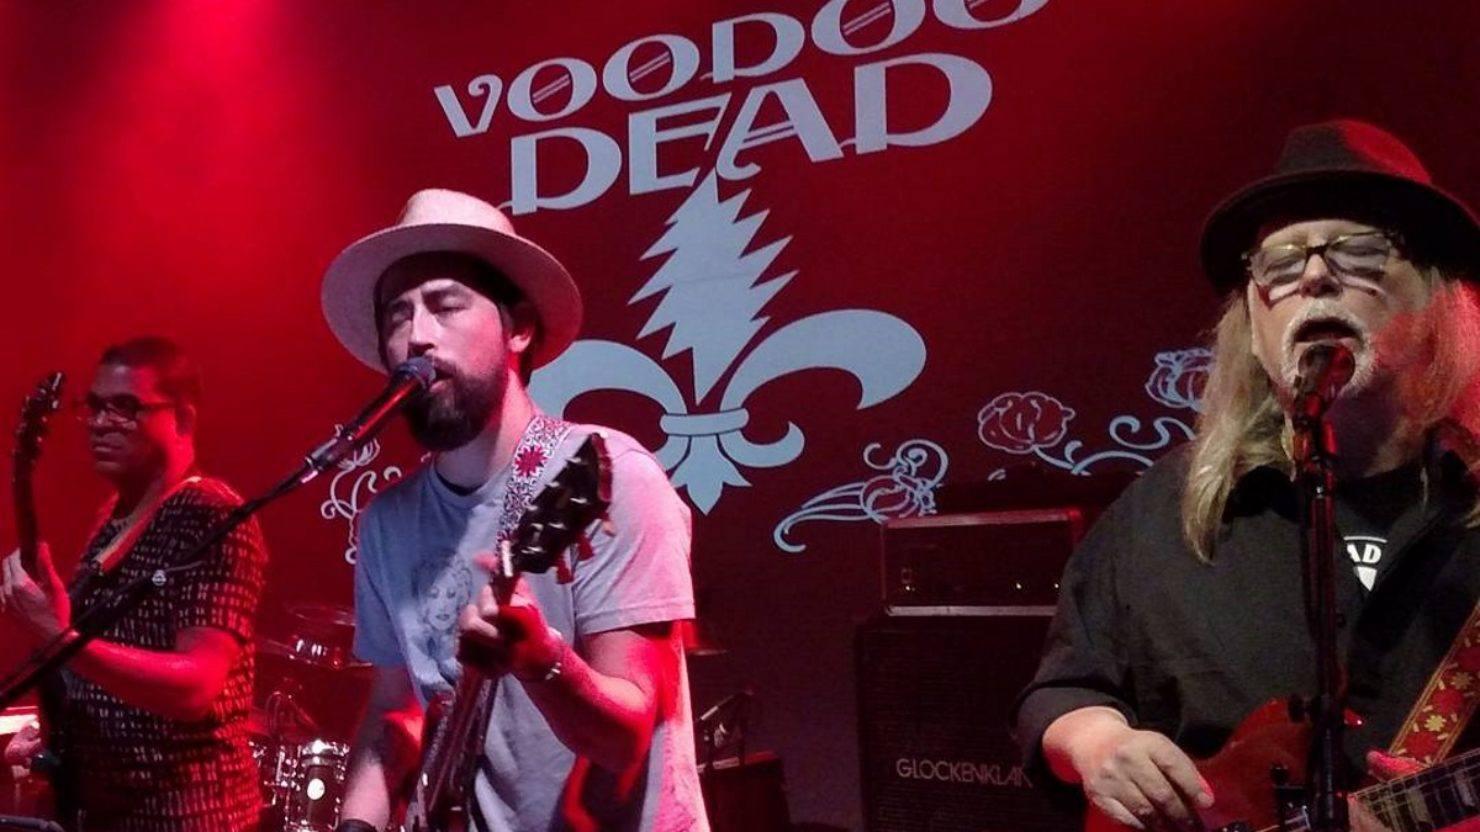 Resultado de imagen de voodoo dead